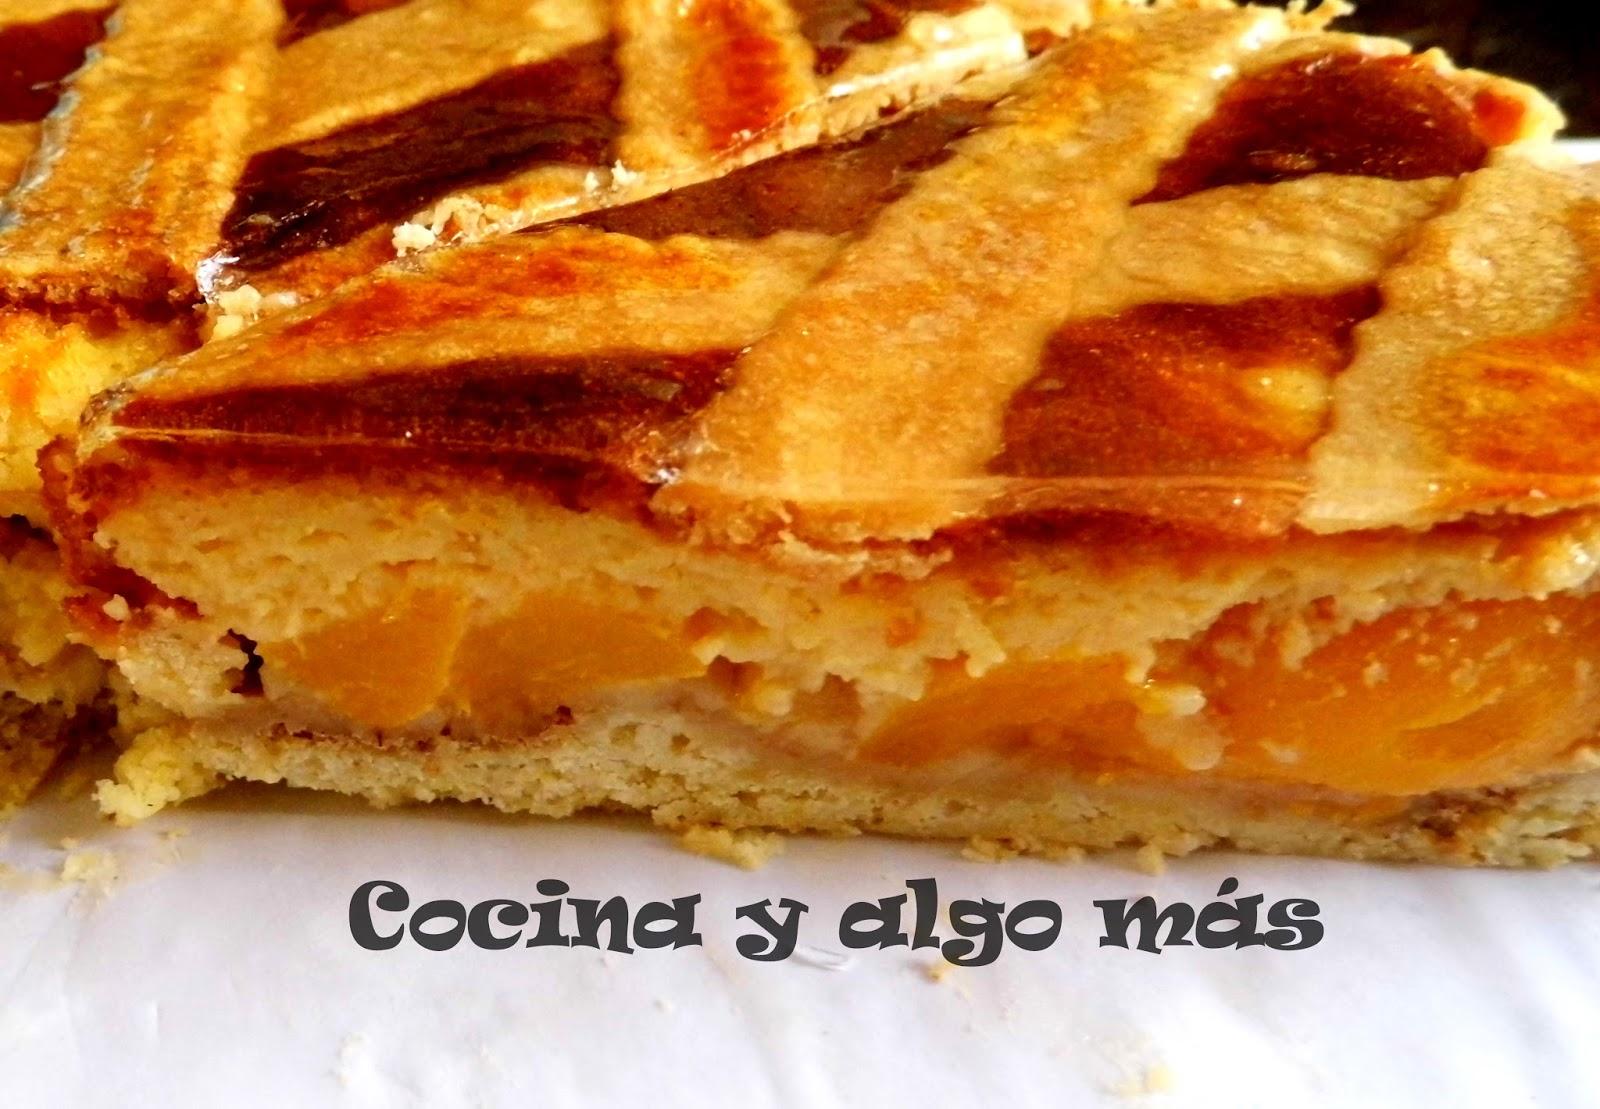 Cocina y algo m s kuchen de durazno for Cocinas cocinas y algo mas